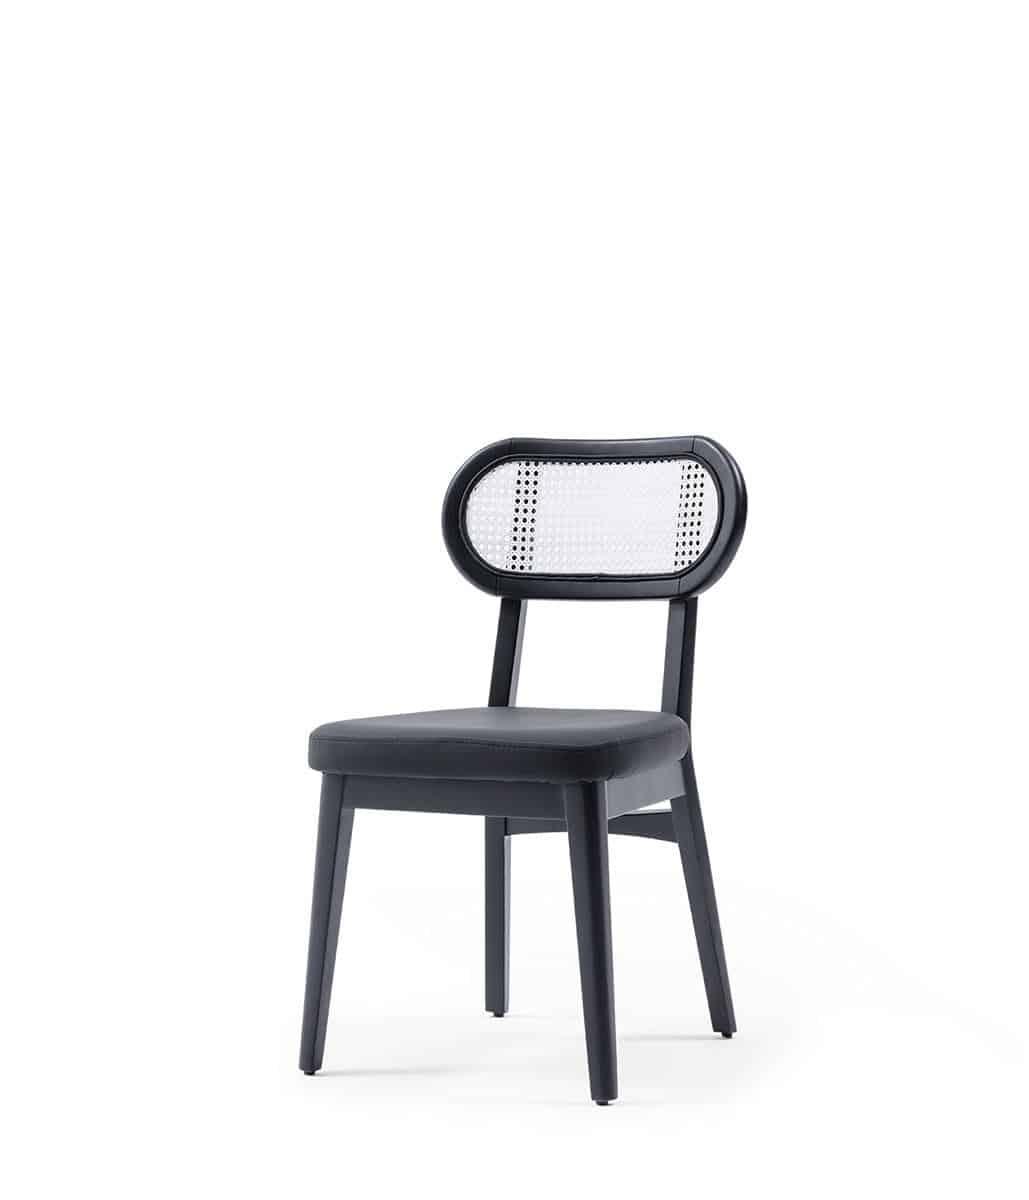 urun-iglo-hasirli-sandalye-01